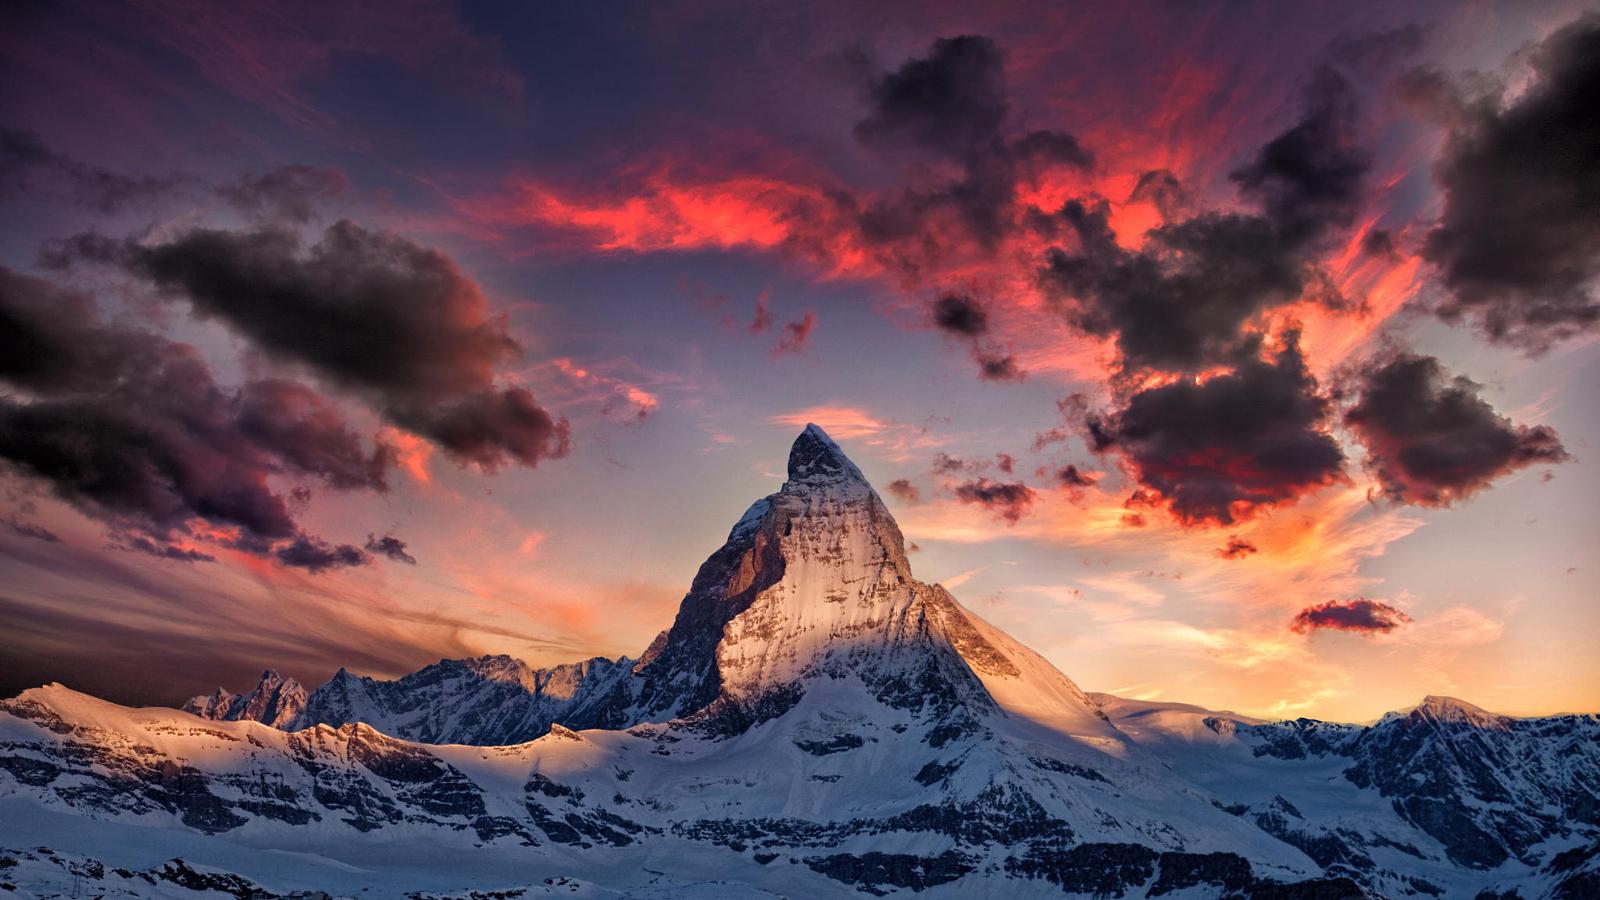 Самое интересное : Милые и забавные животные, которые заряжают позитивом